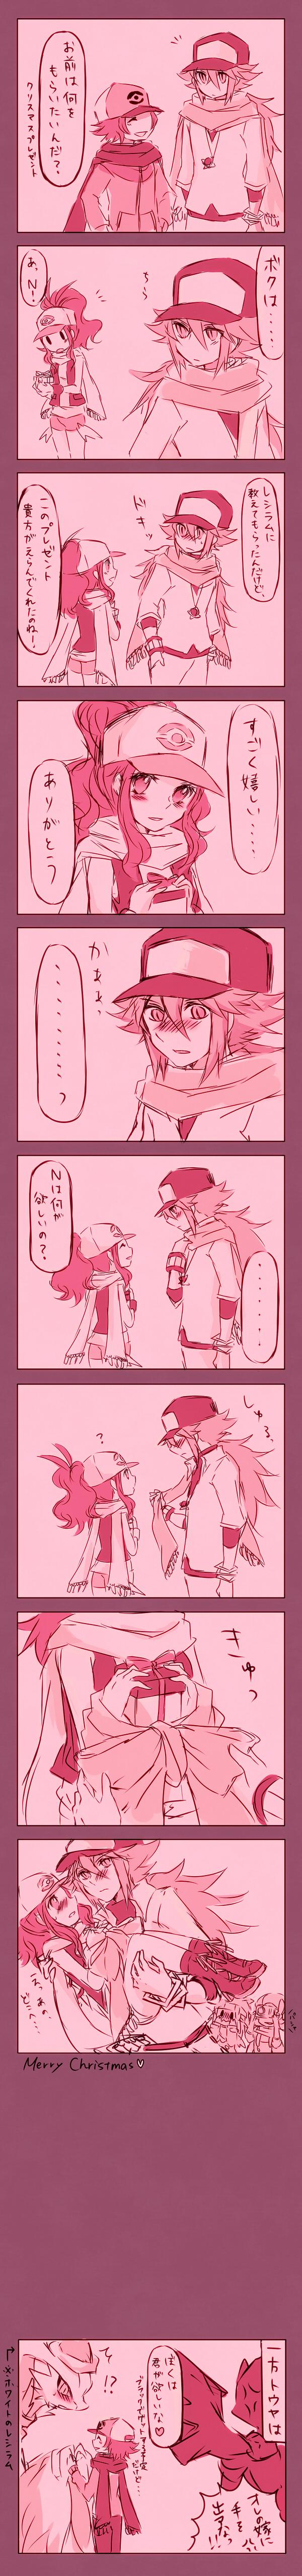 Tags: Anime, Kabocha Torute, Pokémon Black & White, Pokémon Diamond & Pearl, Pokémon Gold & Silver, Pokémon, Kotone (Pokémon), N (Pokémon), Hikari (Pokémon), Touya (Pokémon), Zekrom, Reshiram, Touko (Pokémon)